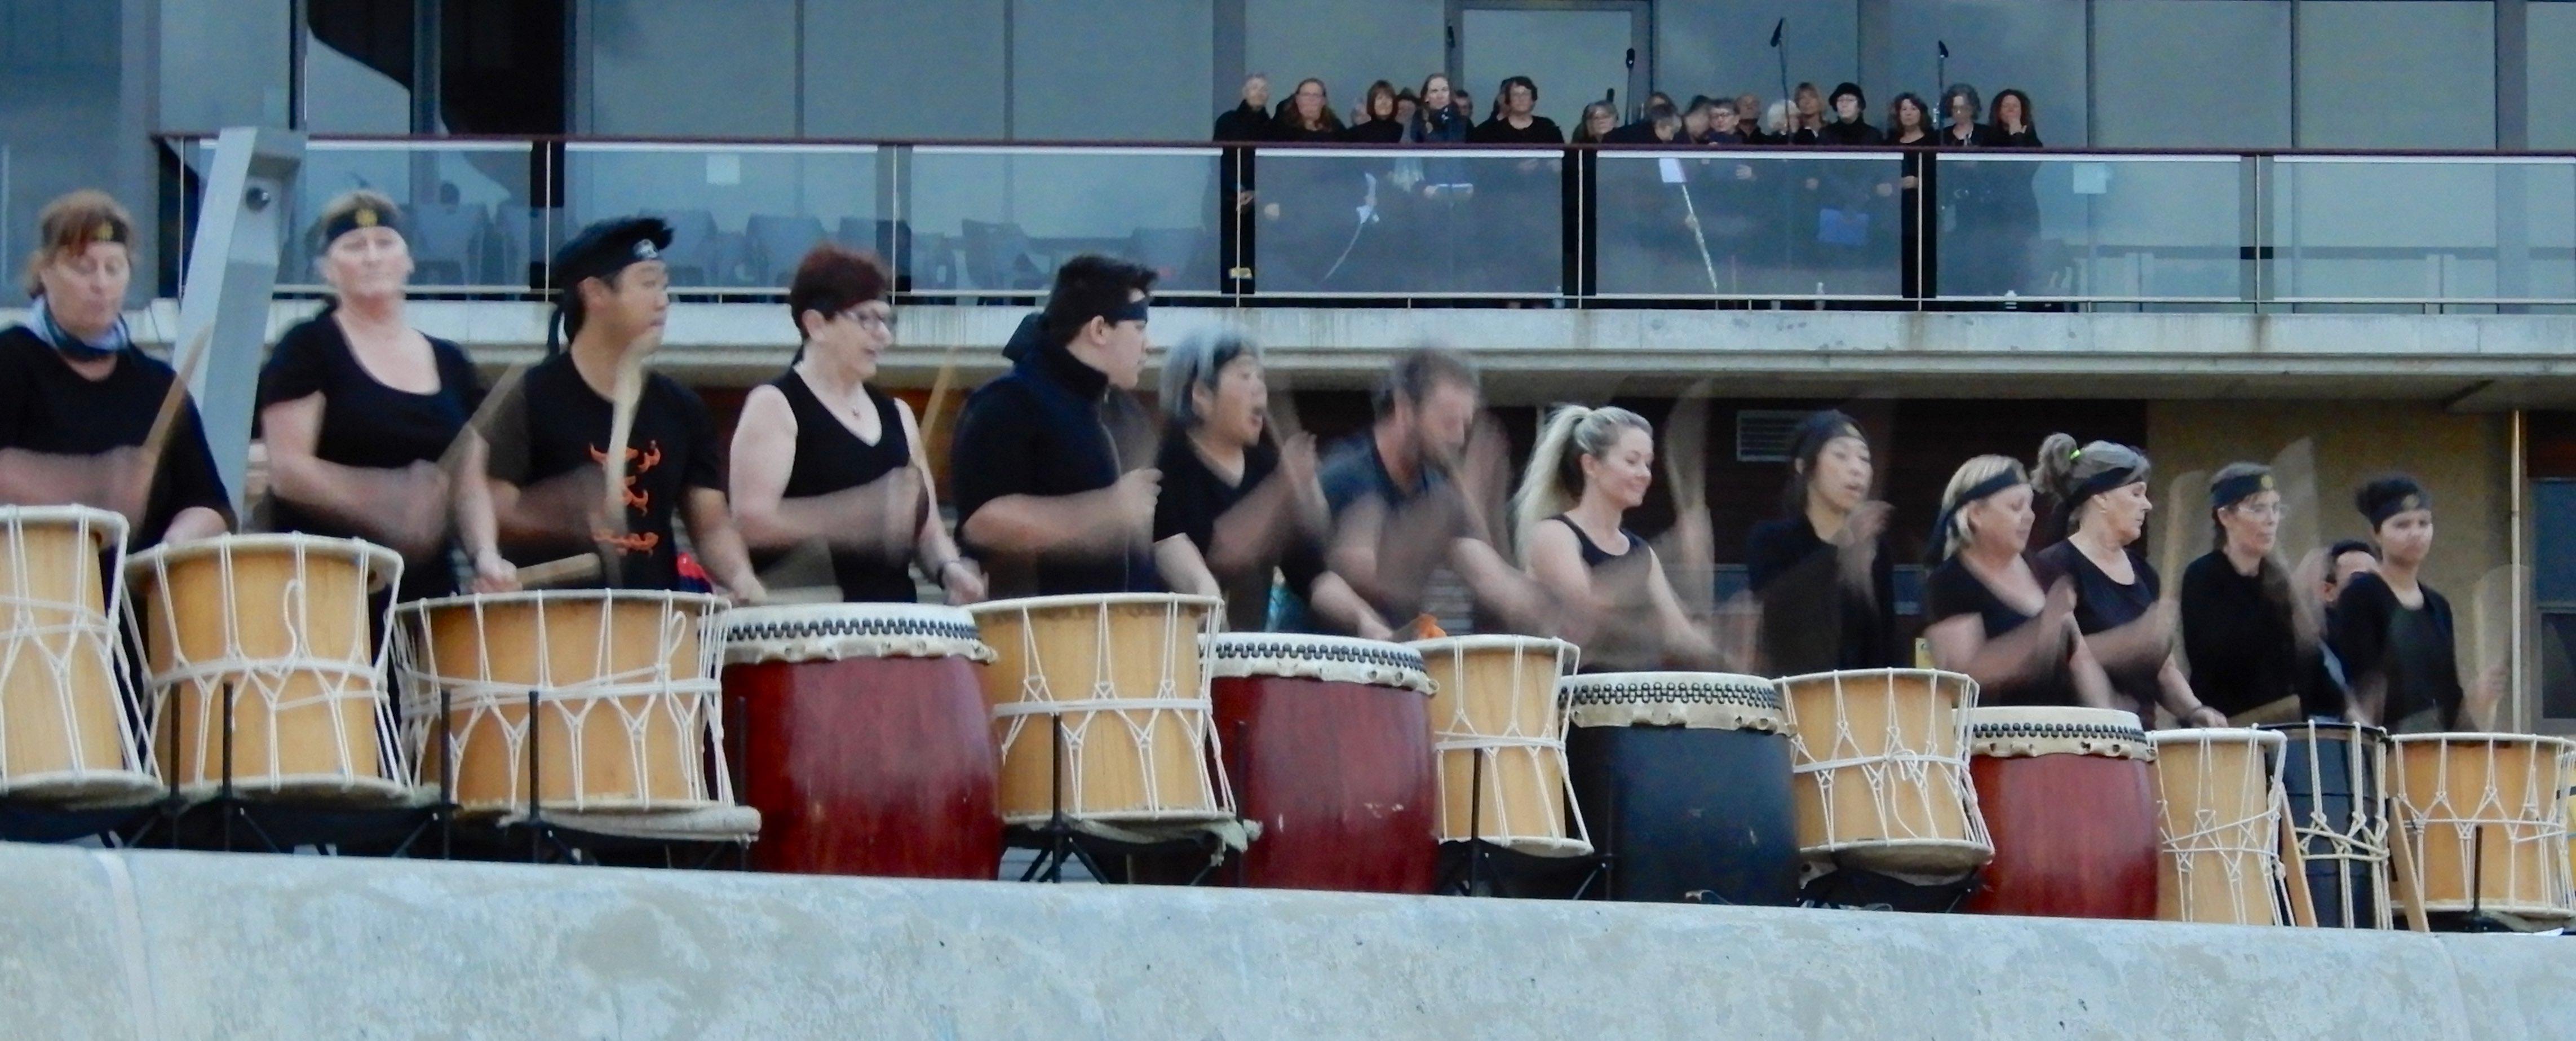 7.Taiko drums & choir